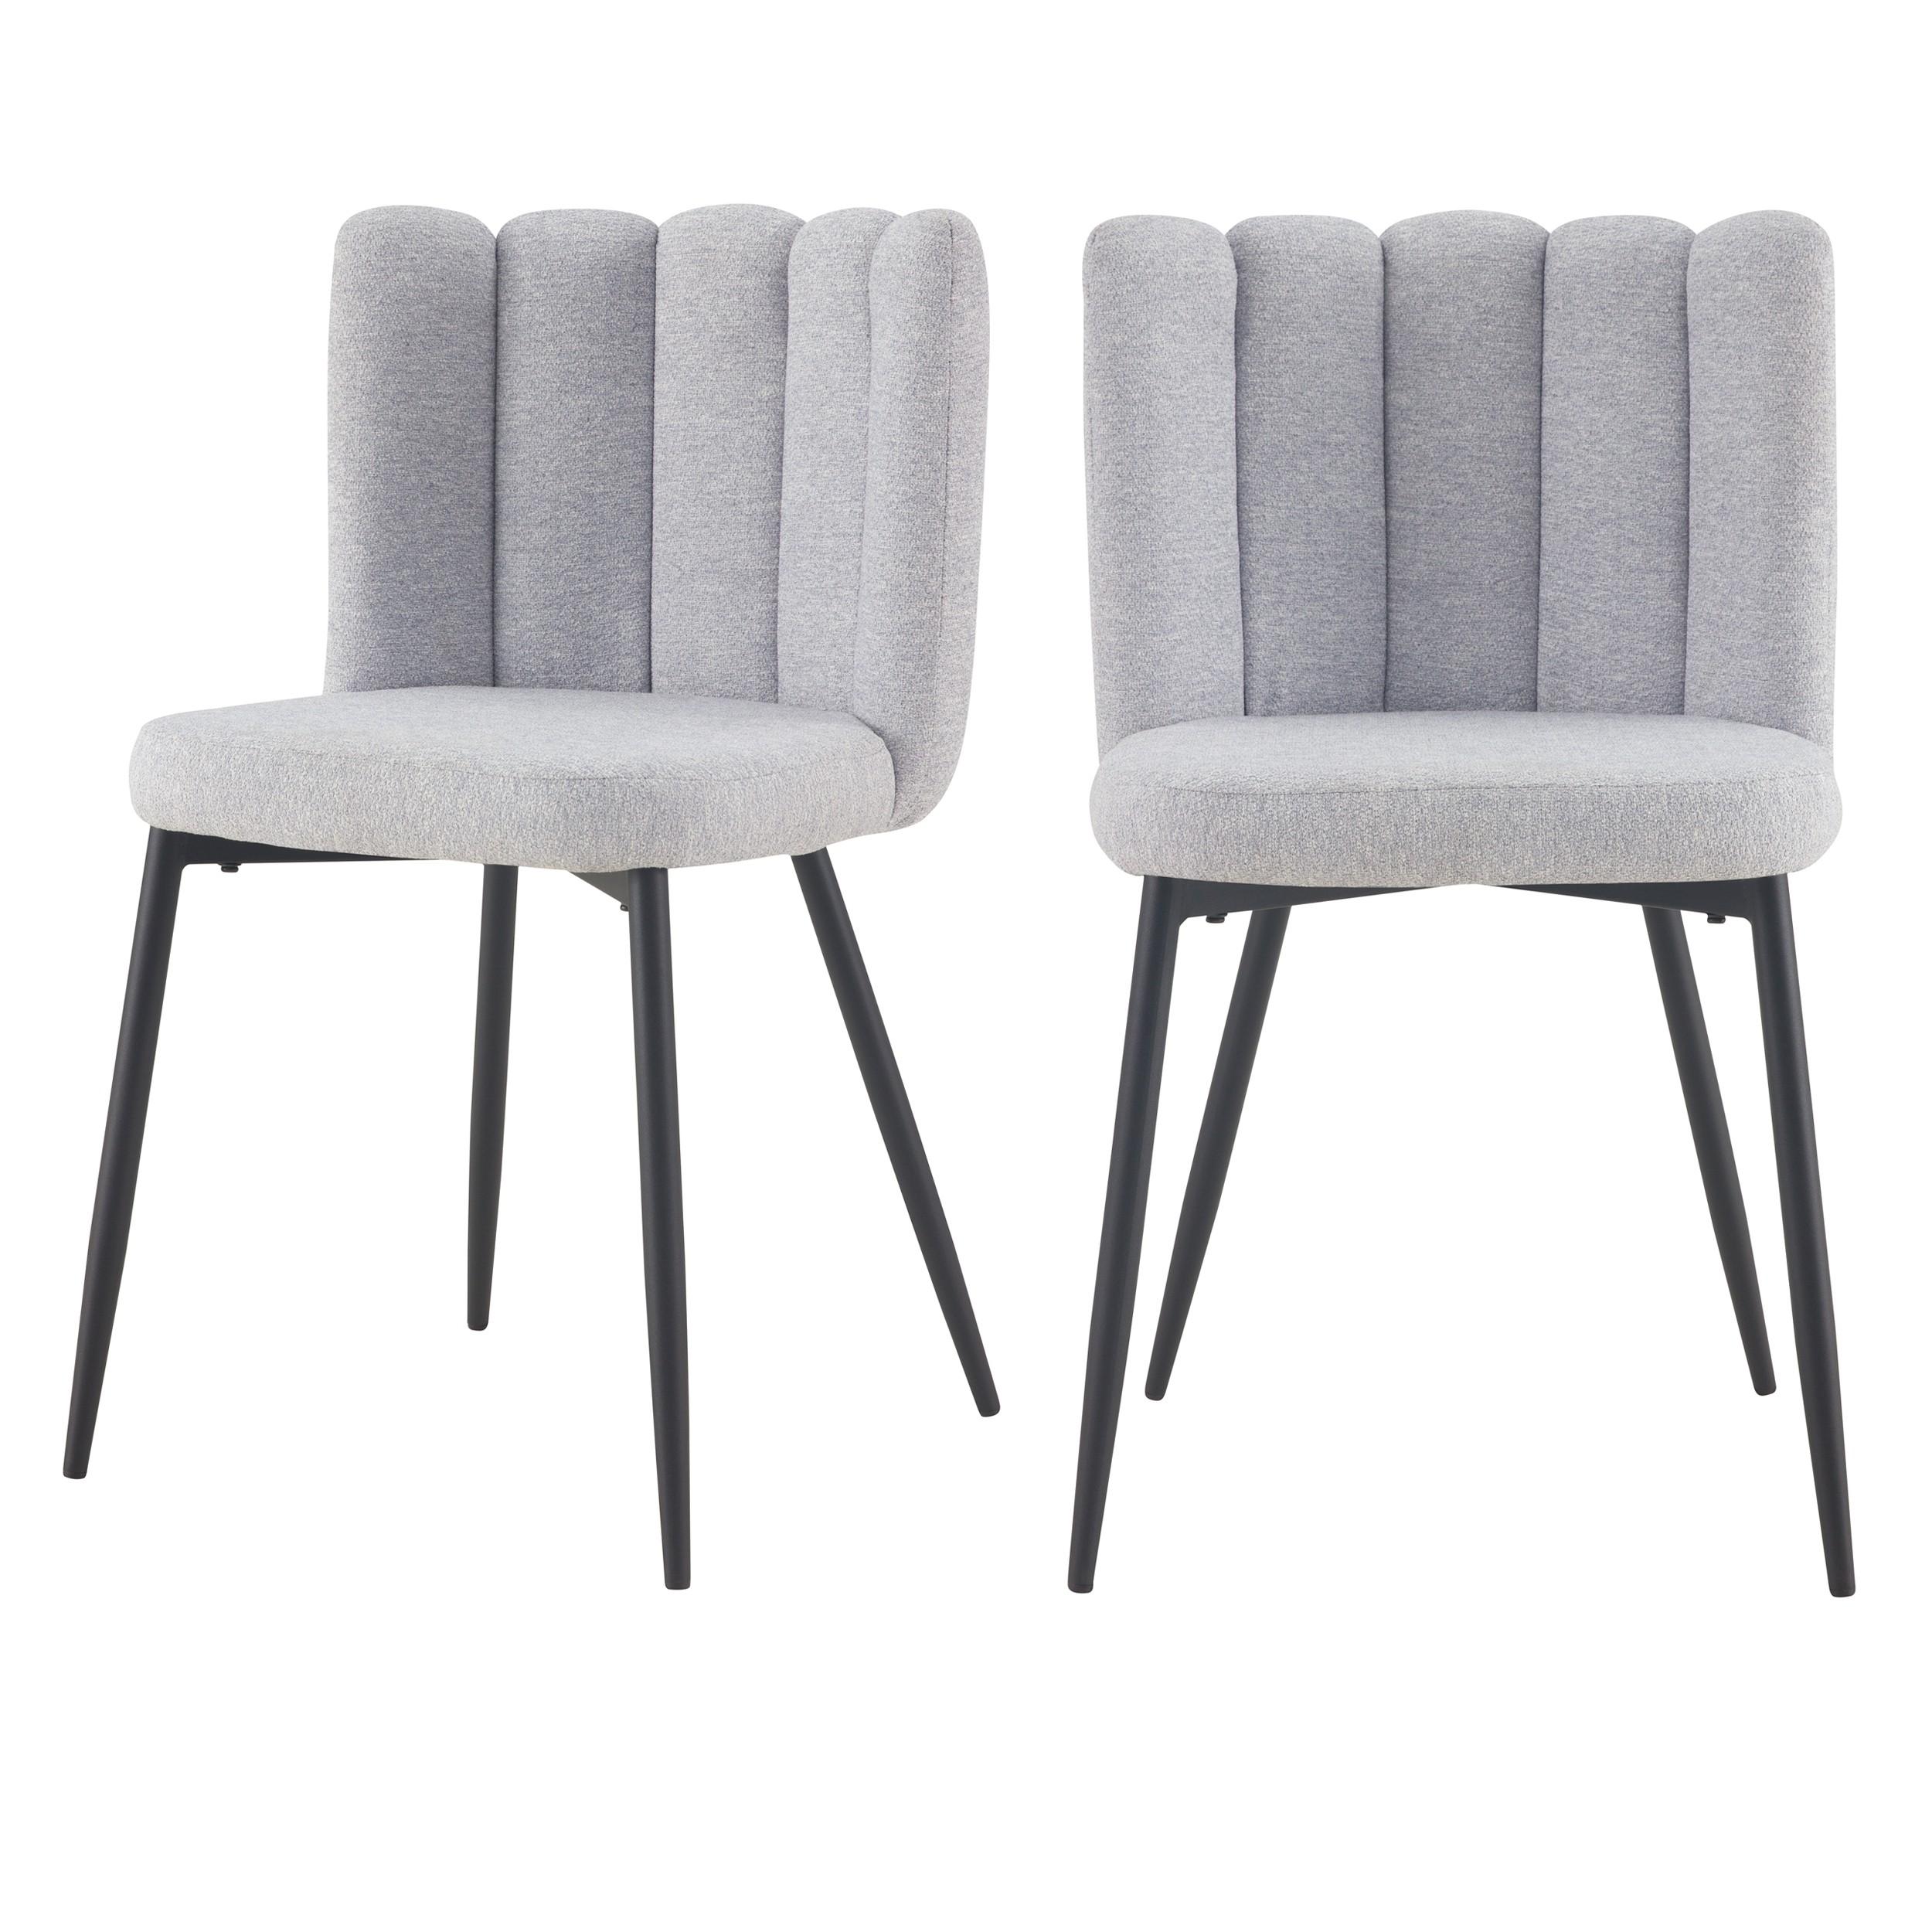 acheter chaise grise en tissu chine